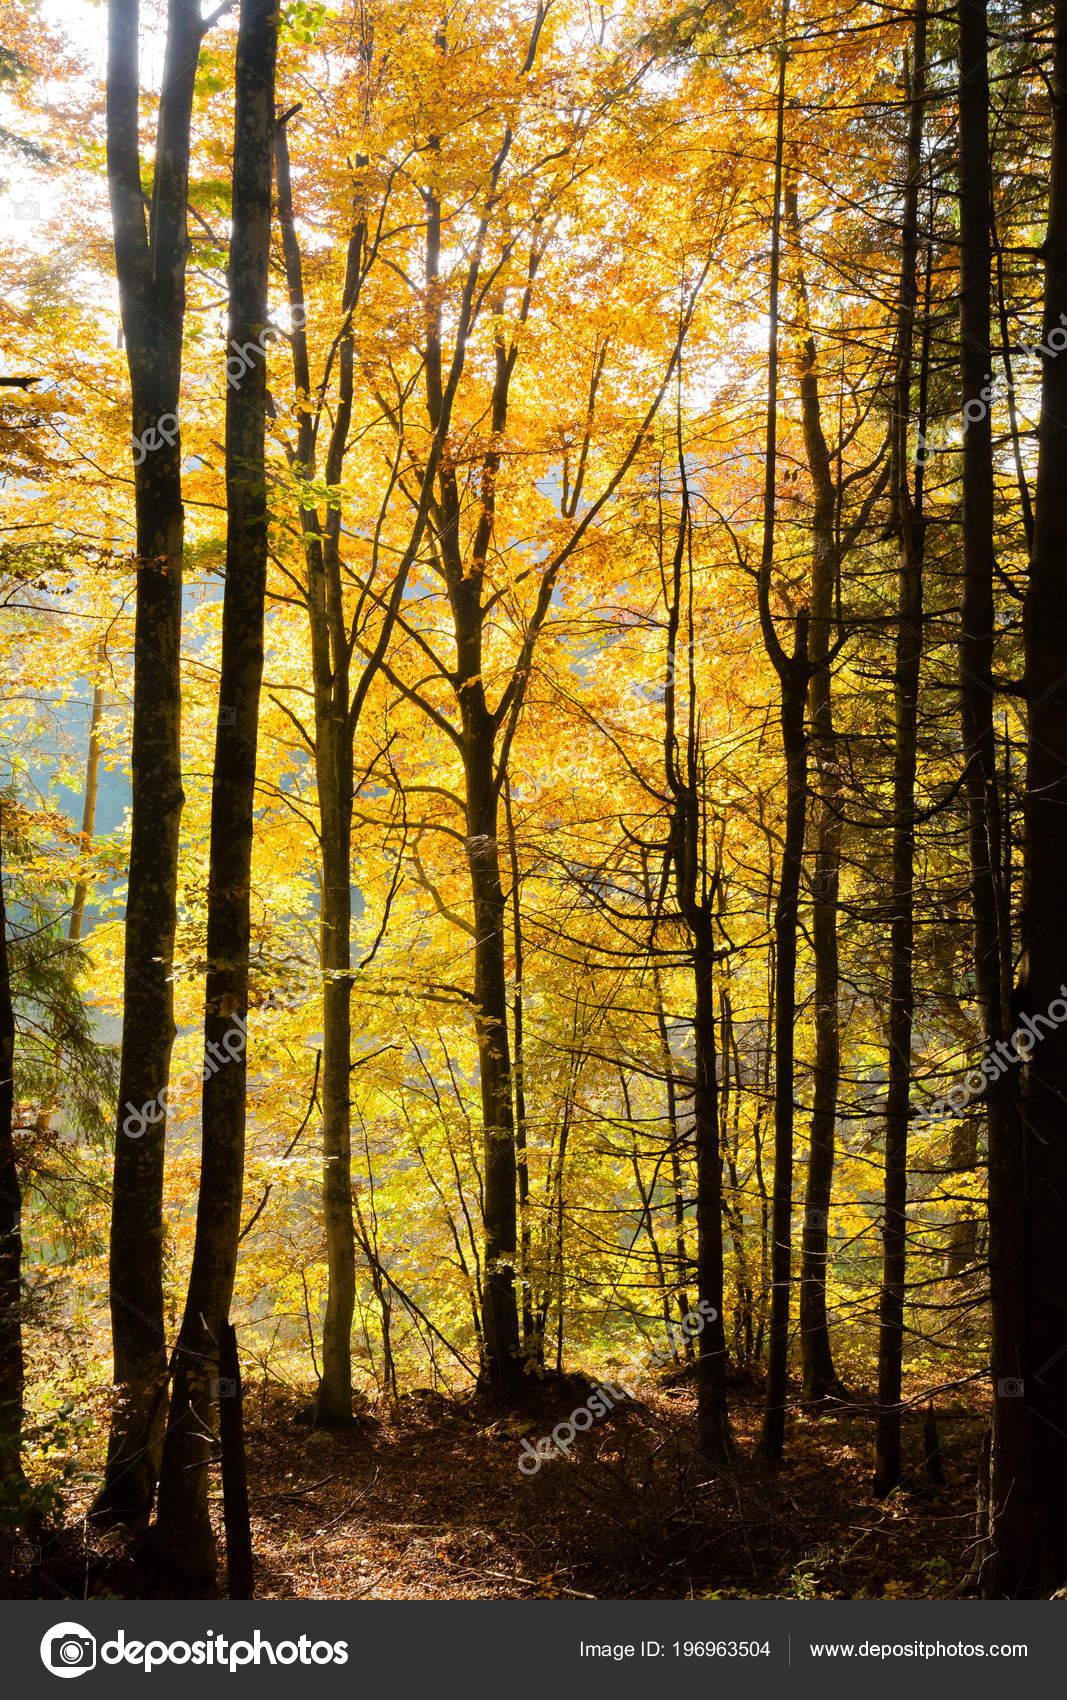 beauty of autumn season